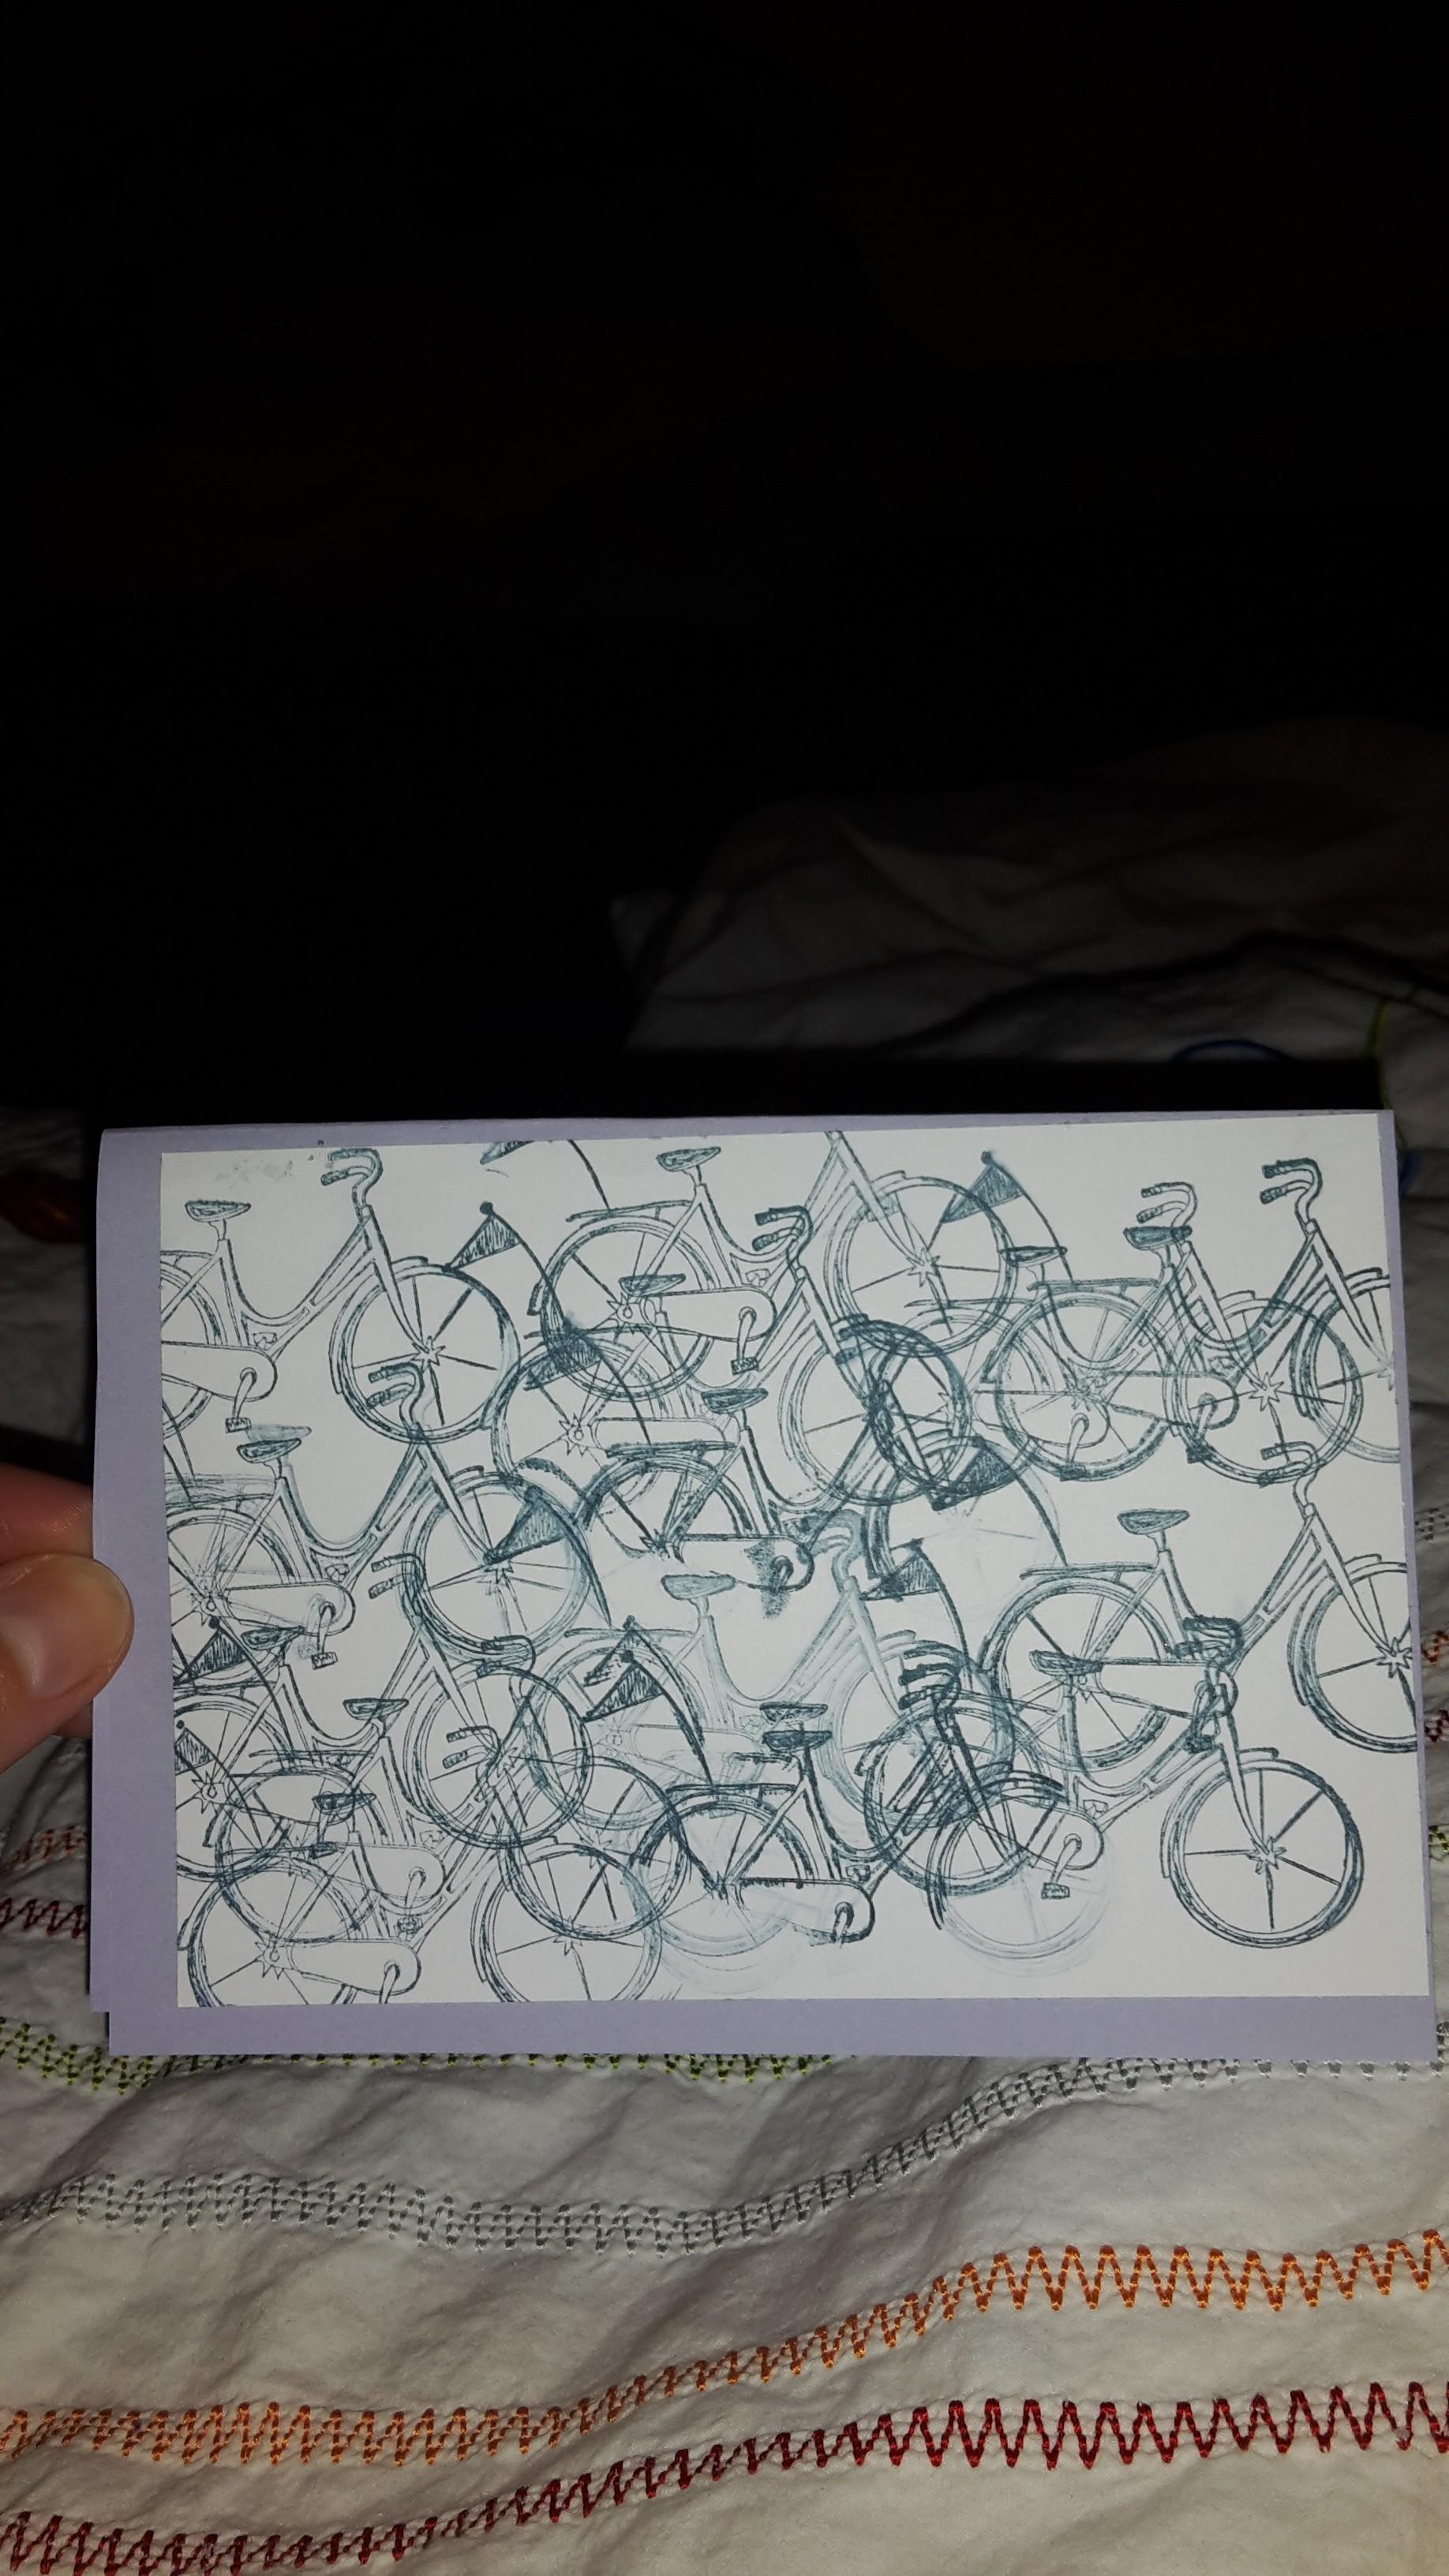 Meine Tochter (5) hat die Karte nachgebastelt